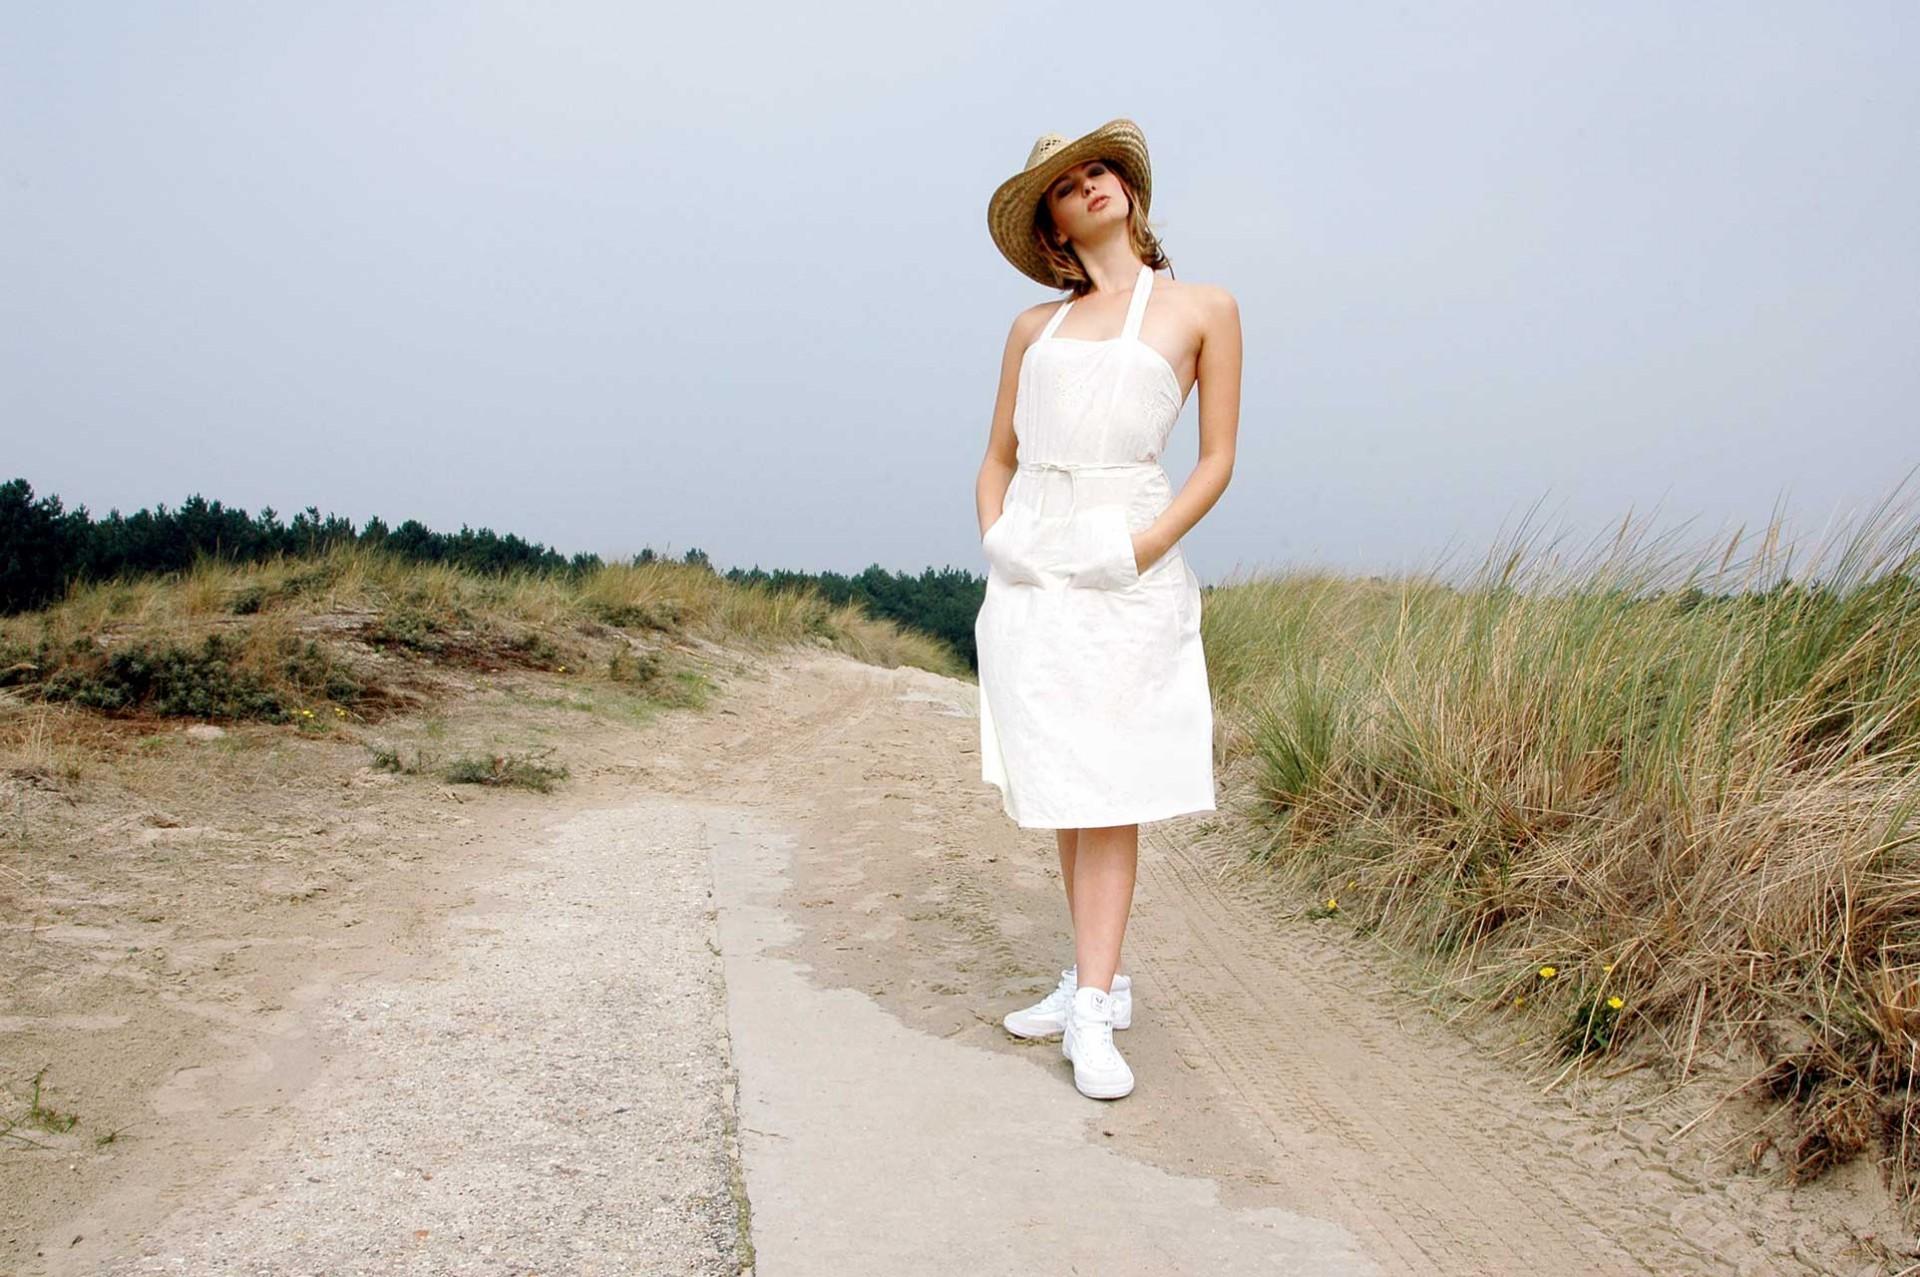 Laure-Maud_photographe_mode-ethique-ecologique_ideo_ete_03